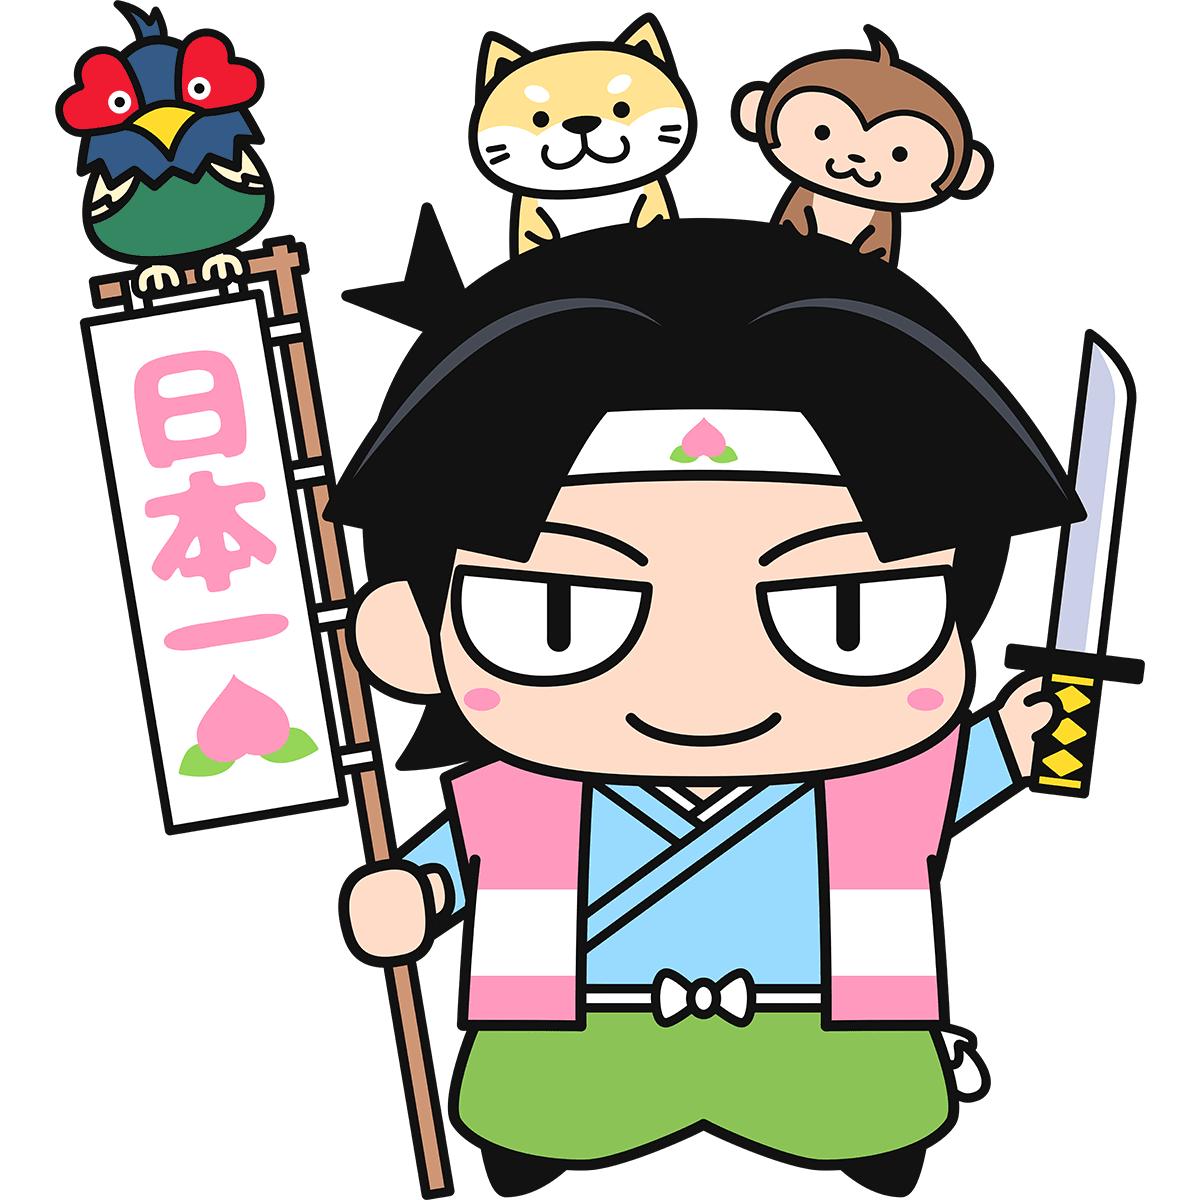 桃太郎と犬猿雉の無料イラスト